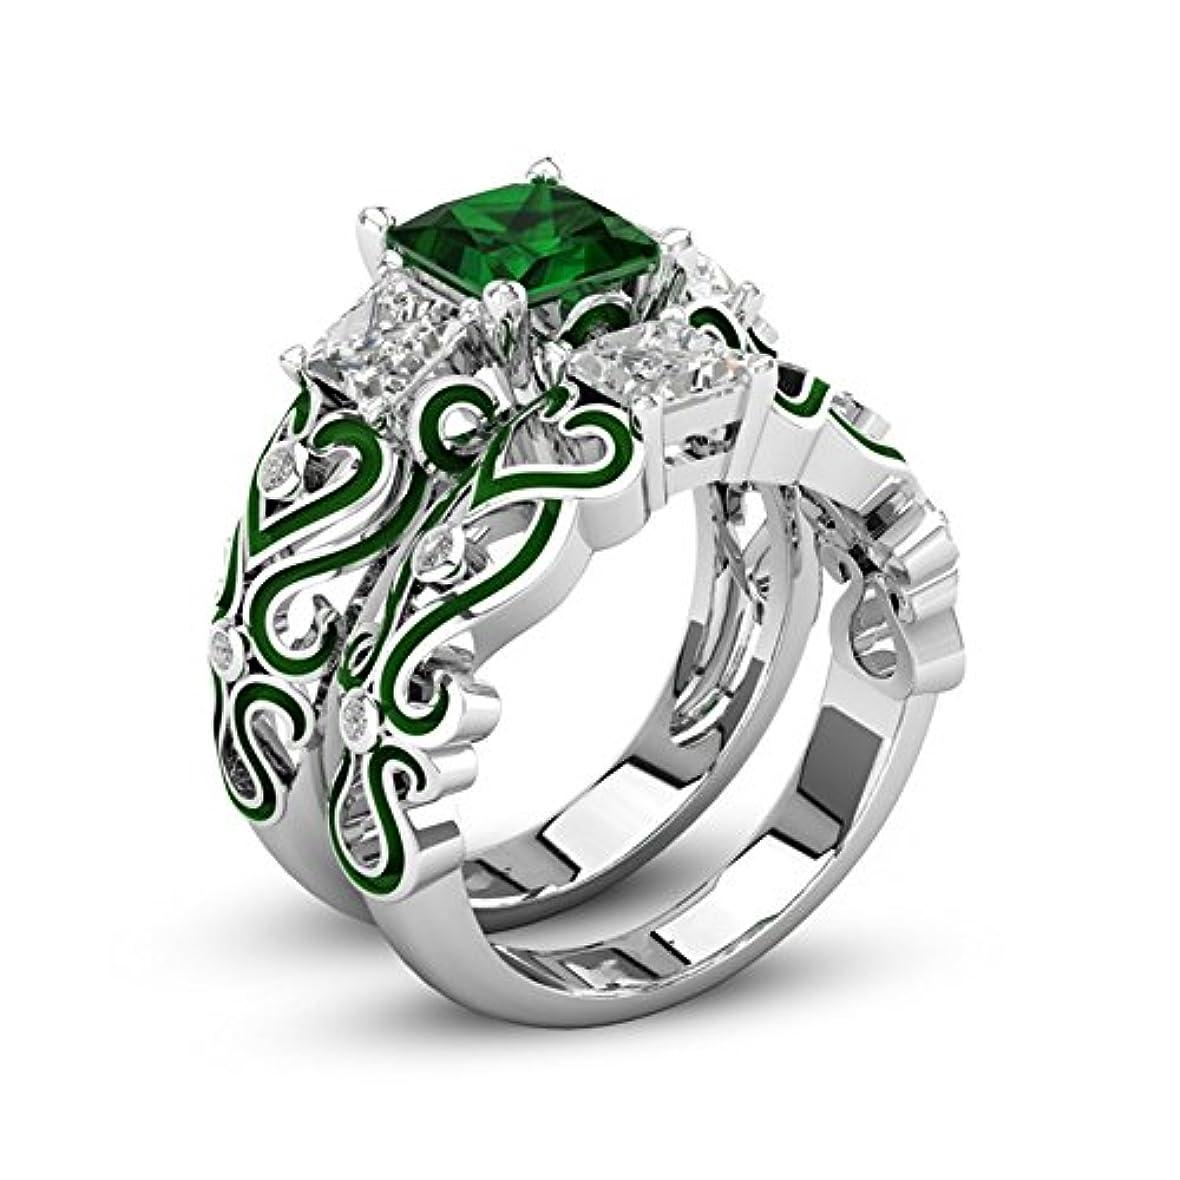 実行濃度巻き戻す女性のためのファッション925シルバーメッキ結婚指輪婚約指輪フレンドマザーパーティー着用記念日 (緑, 18)